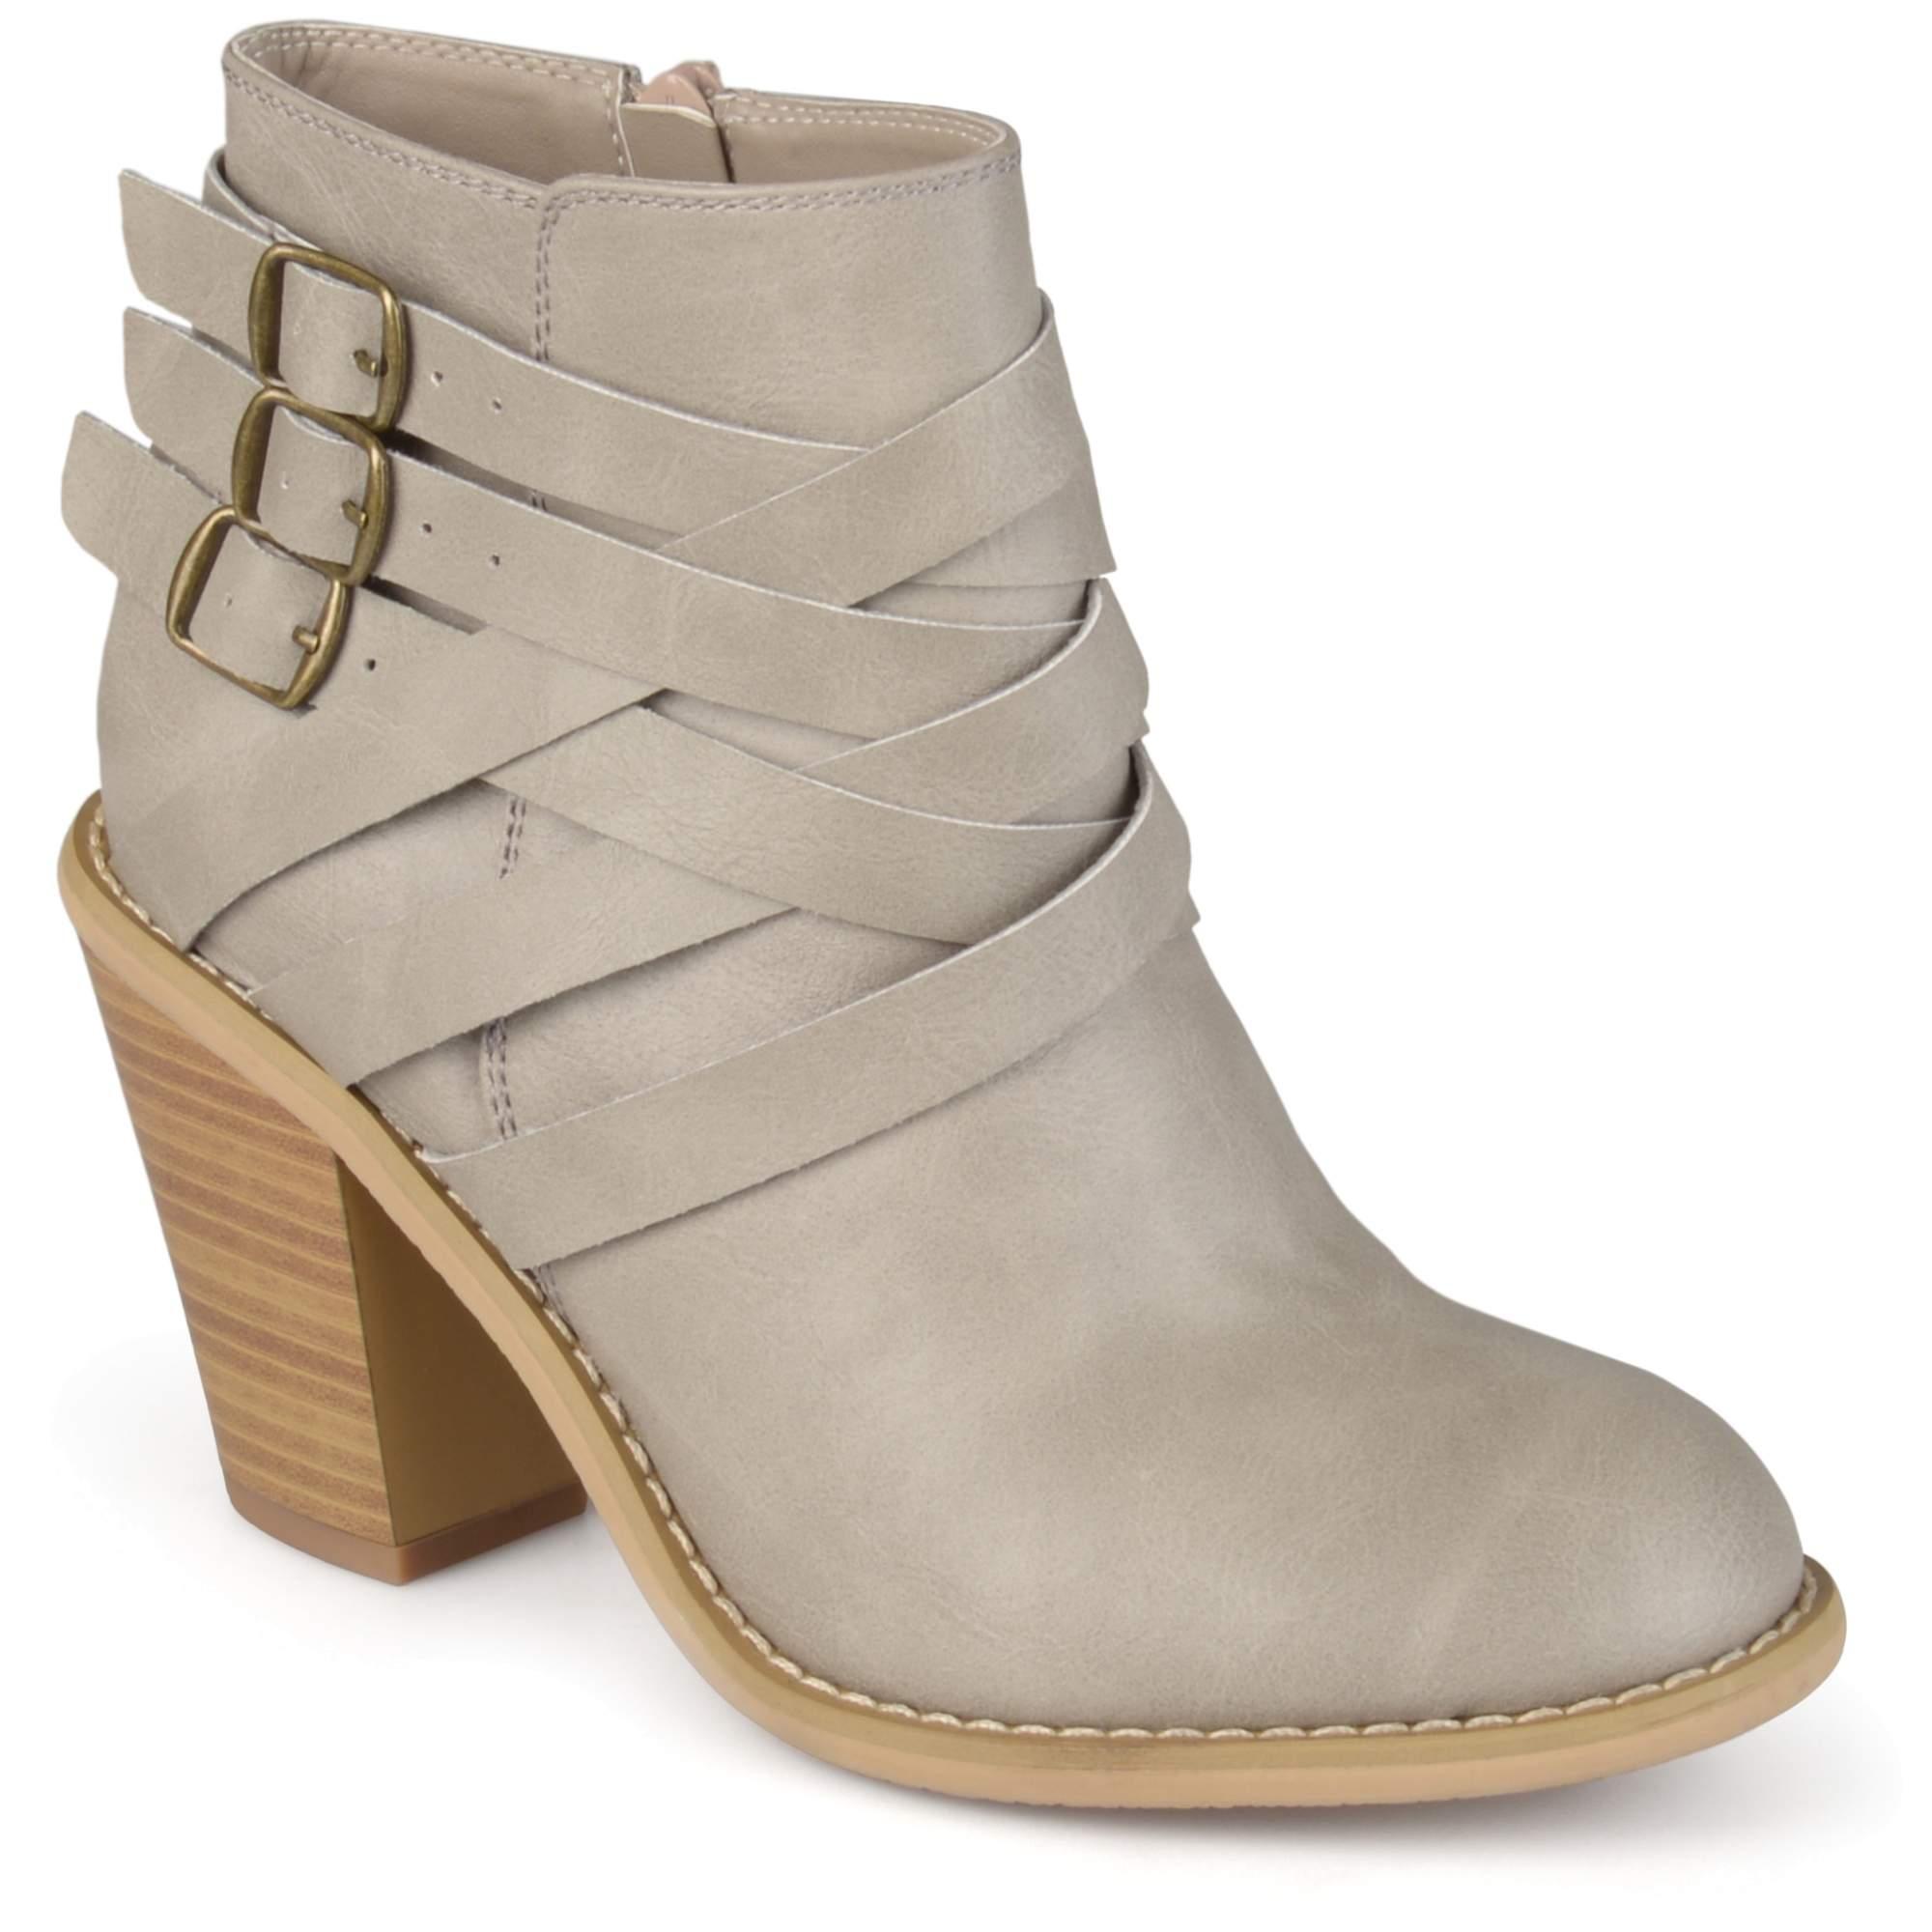 Women's Ankle Wide Width Multi Strap Boots